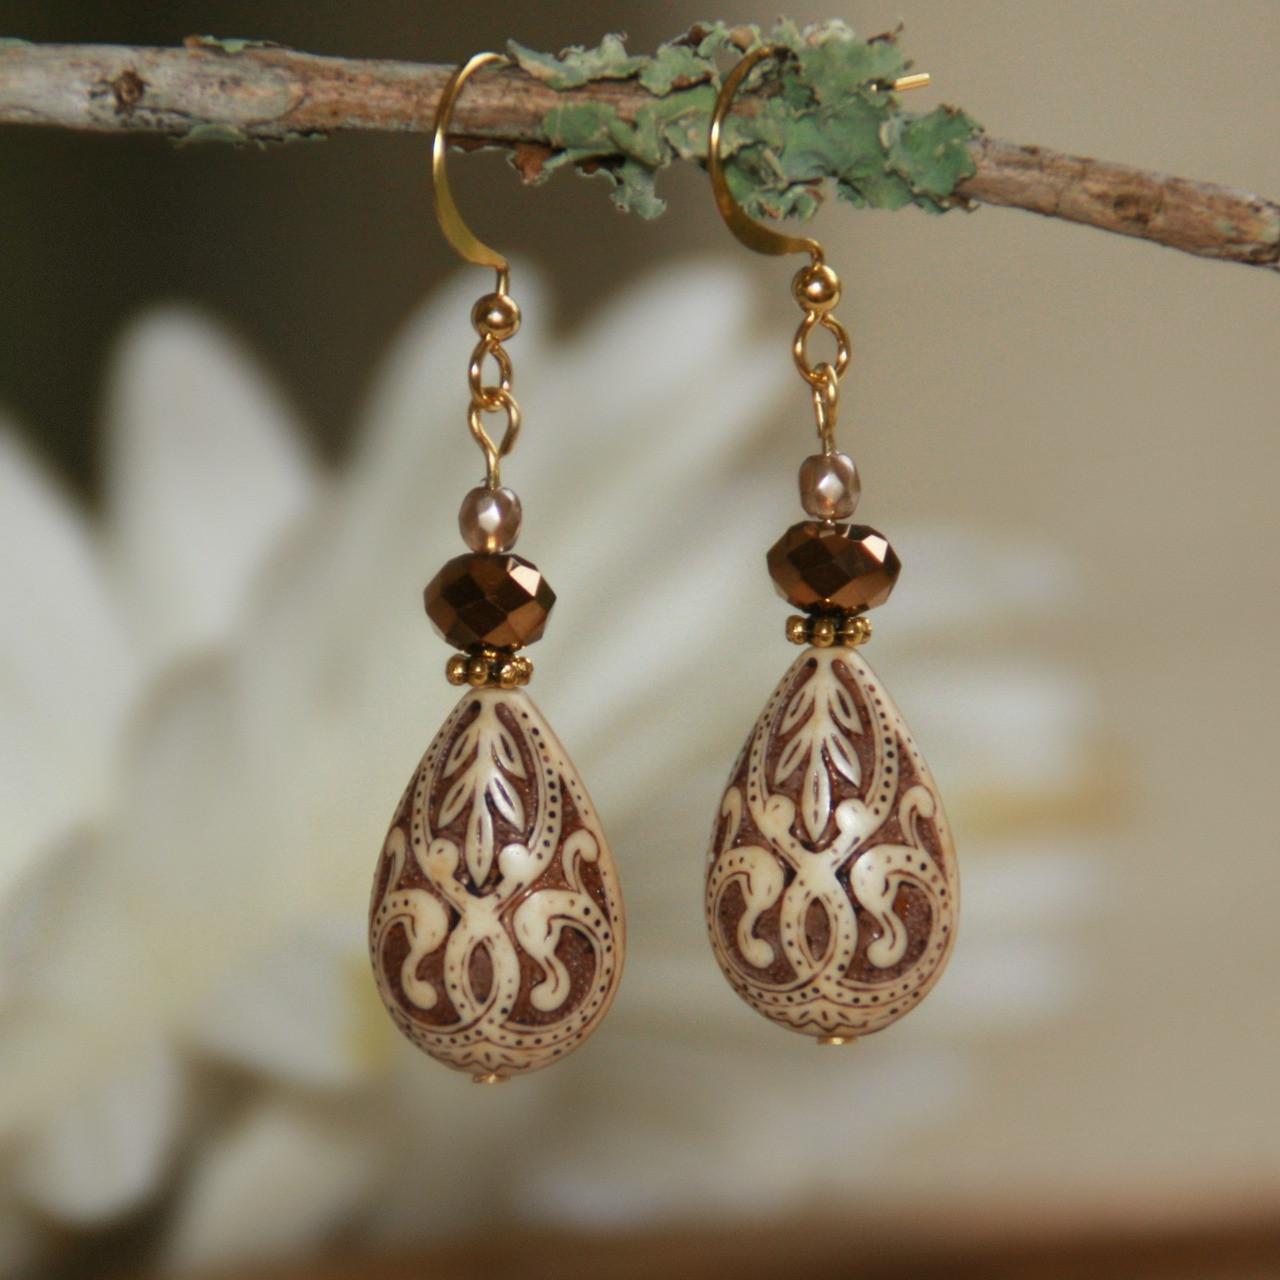 FER-65  Engraved Beads Old World Style Earrings